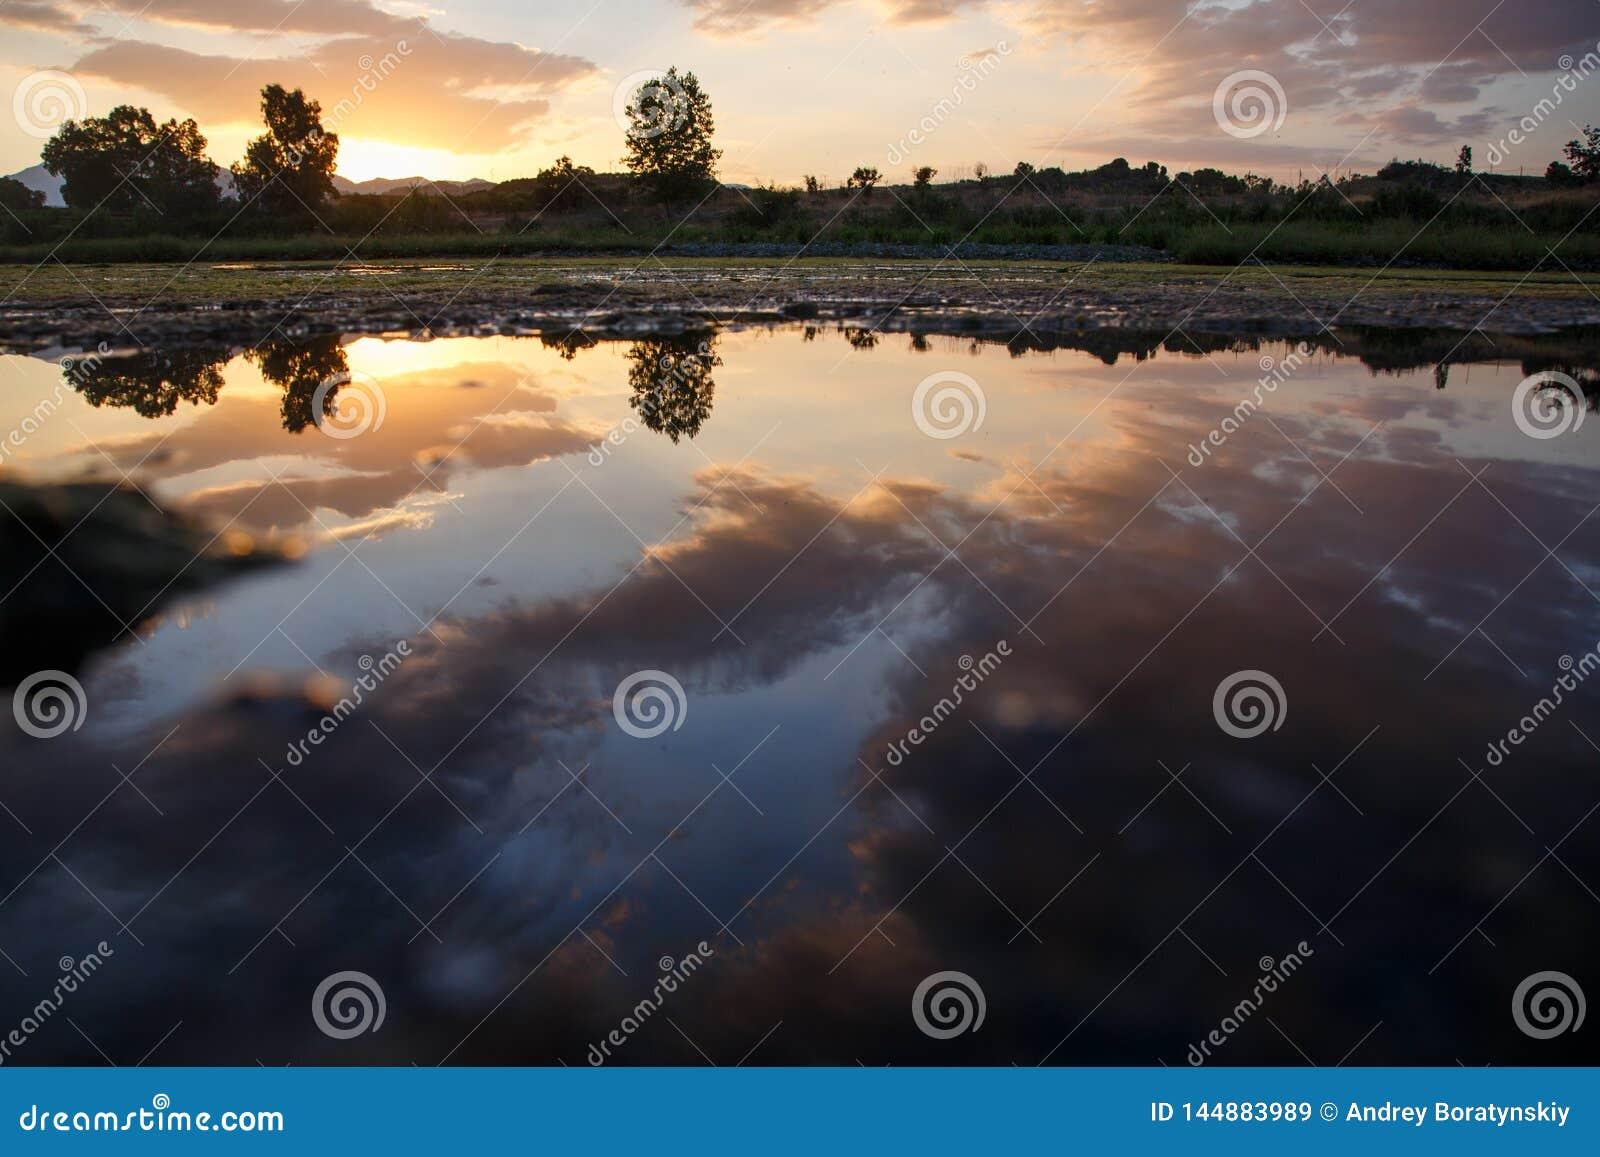 Заход солнца с облаками отраженными на воде озера